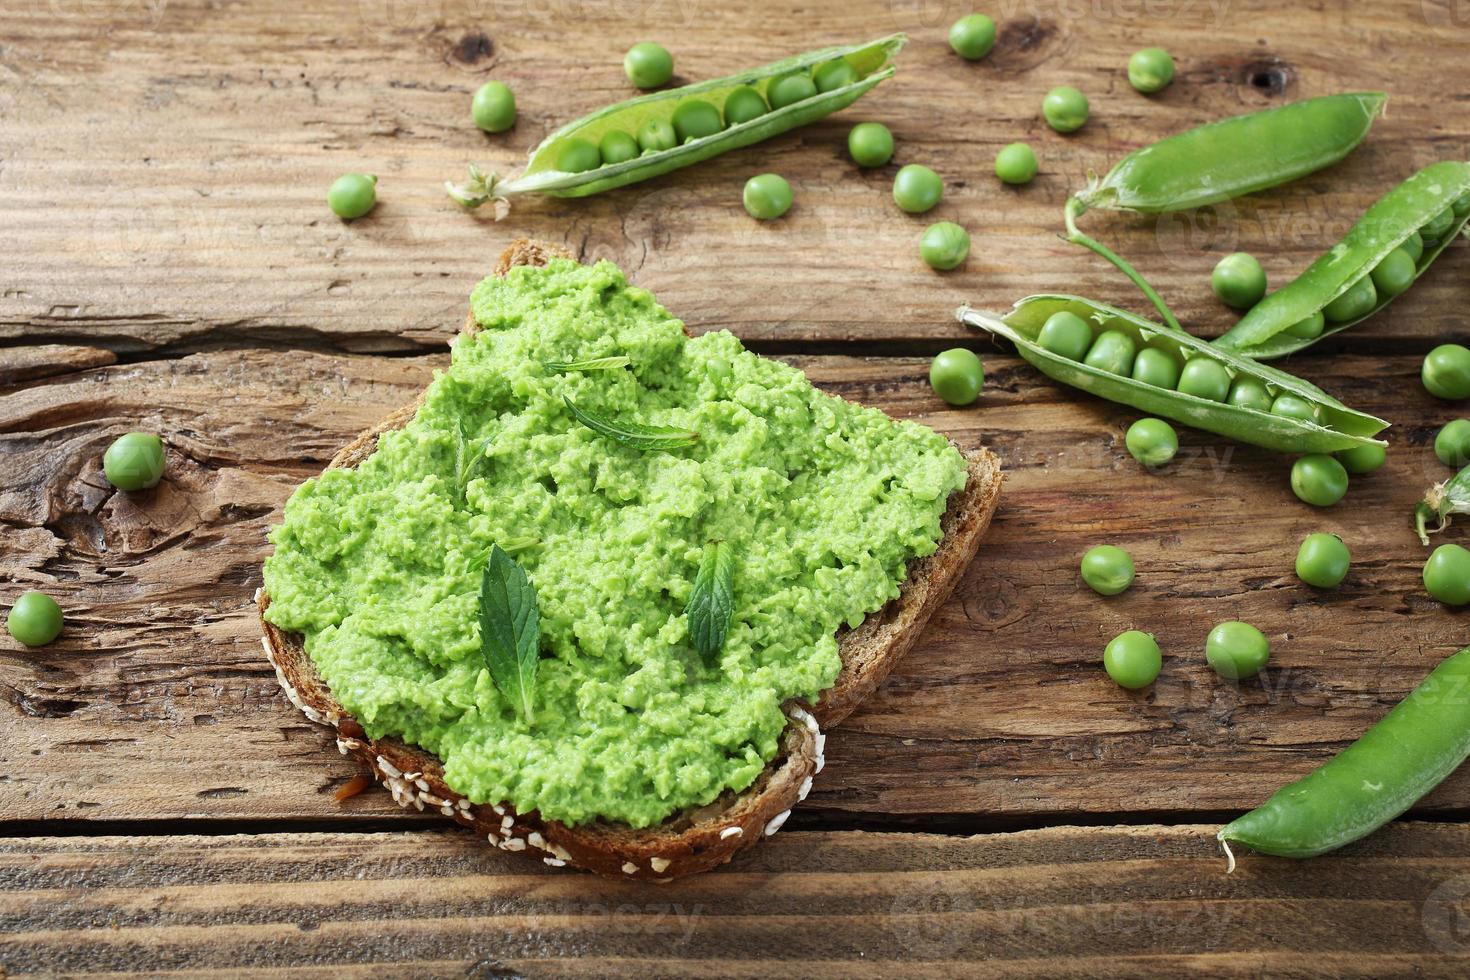 smörgås med gröna ärtor grädde på träbord foto